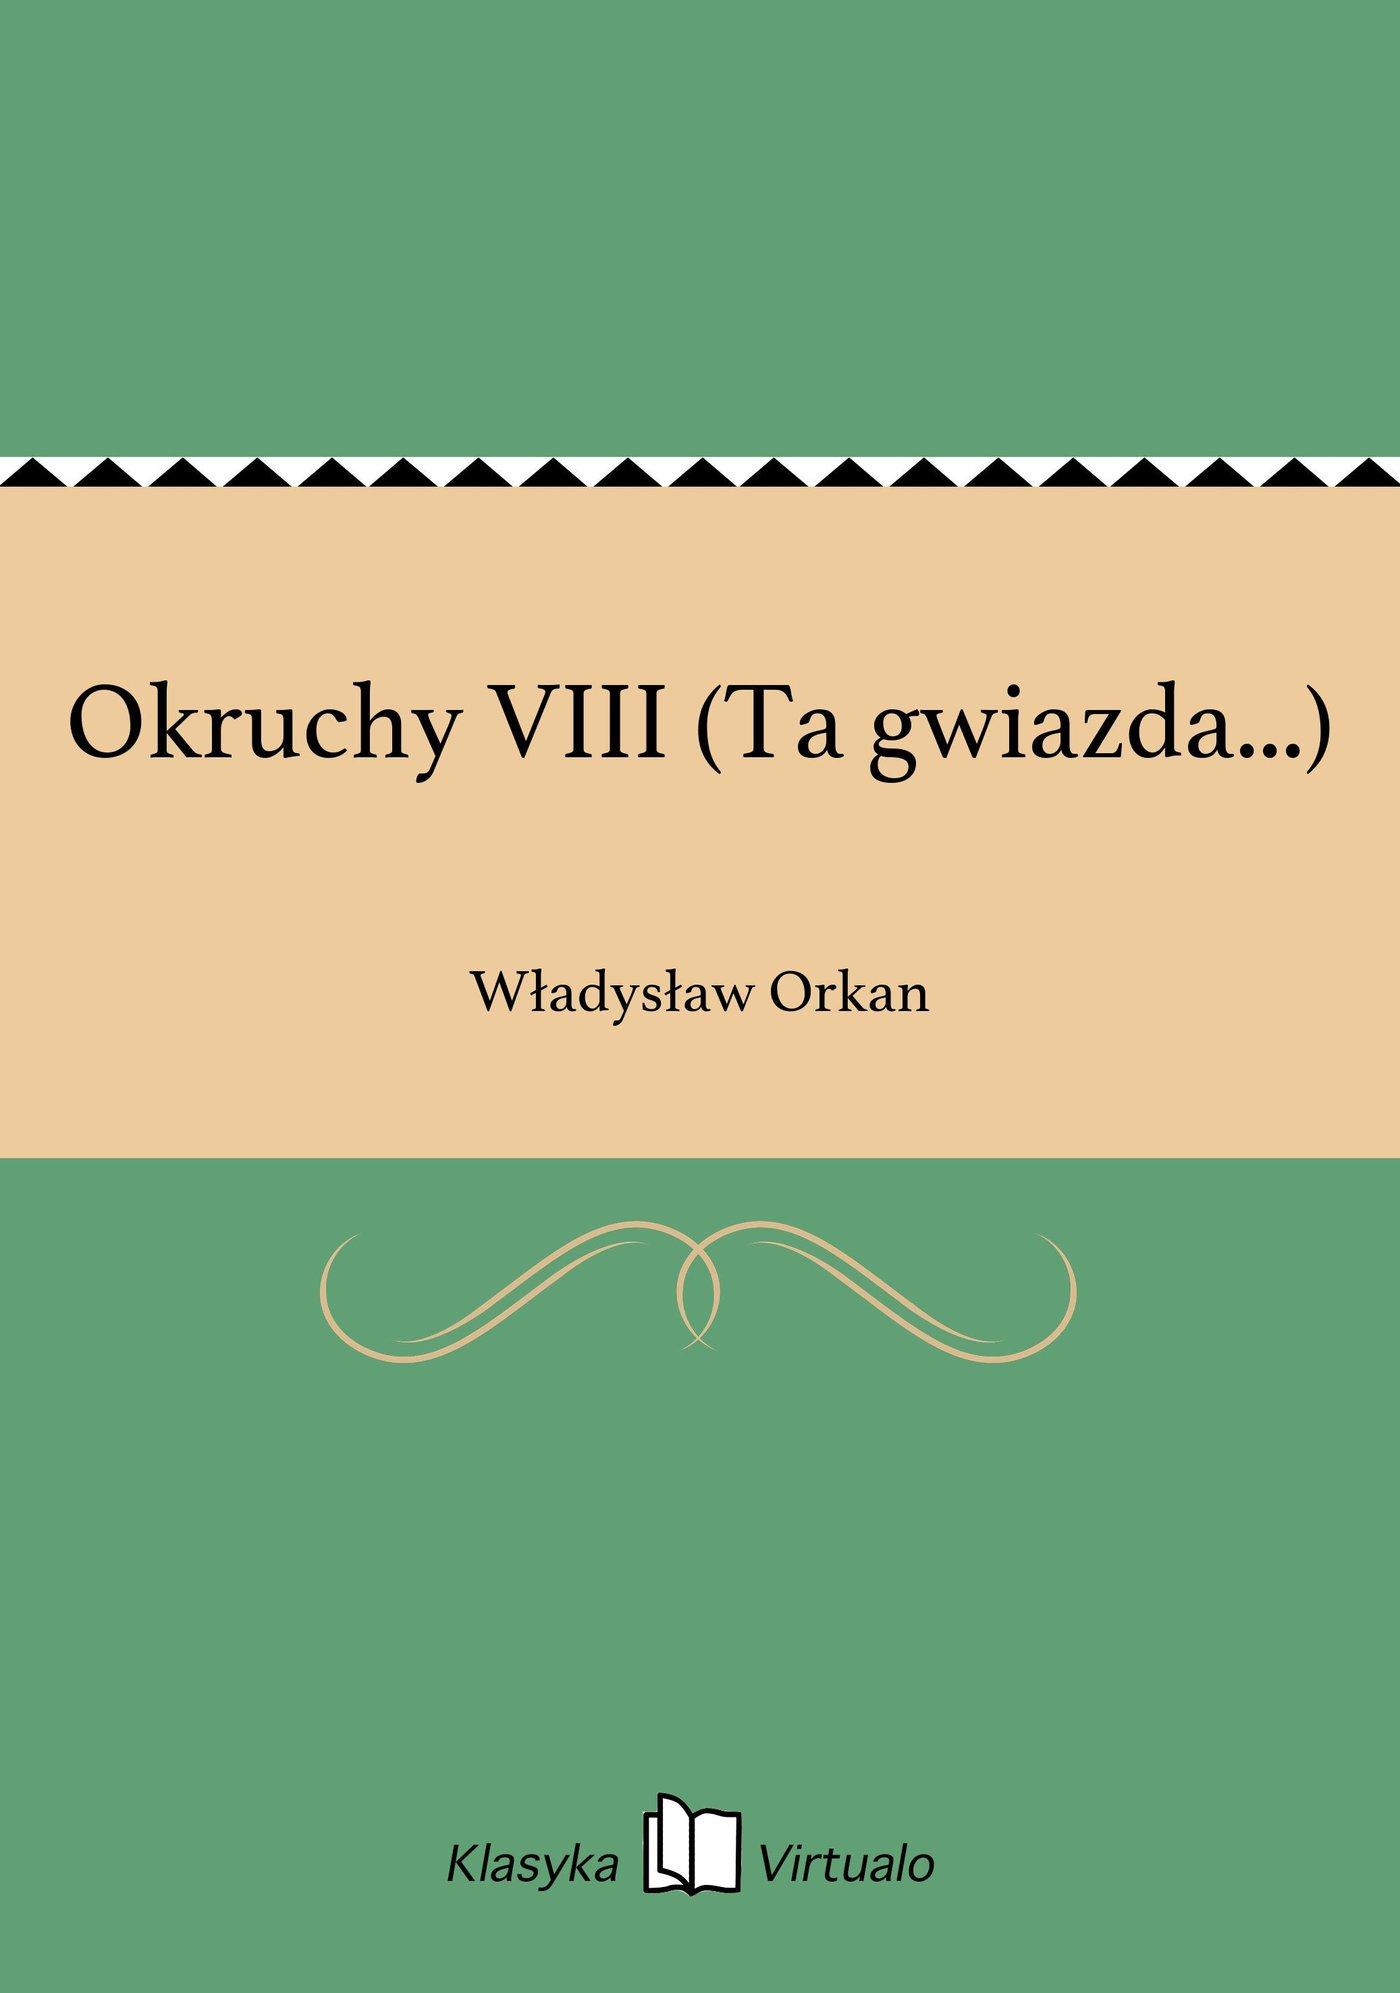 Okruchy VIII (Ta gwiazda...) - Ebook (Książka EPUB) do pobrania w formacie EPUB